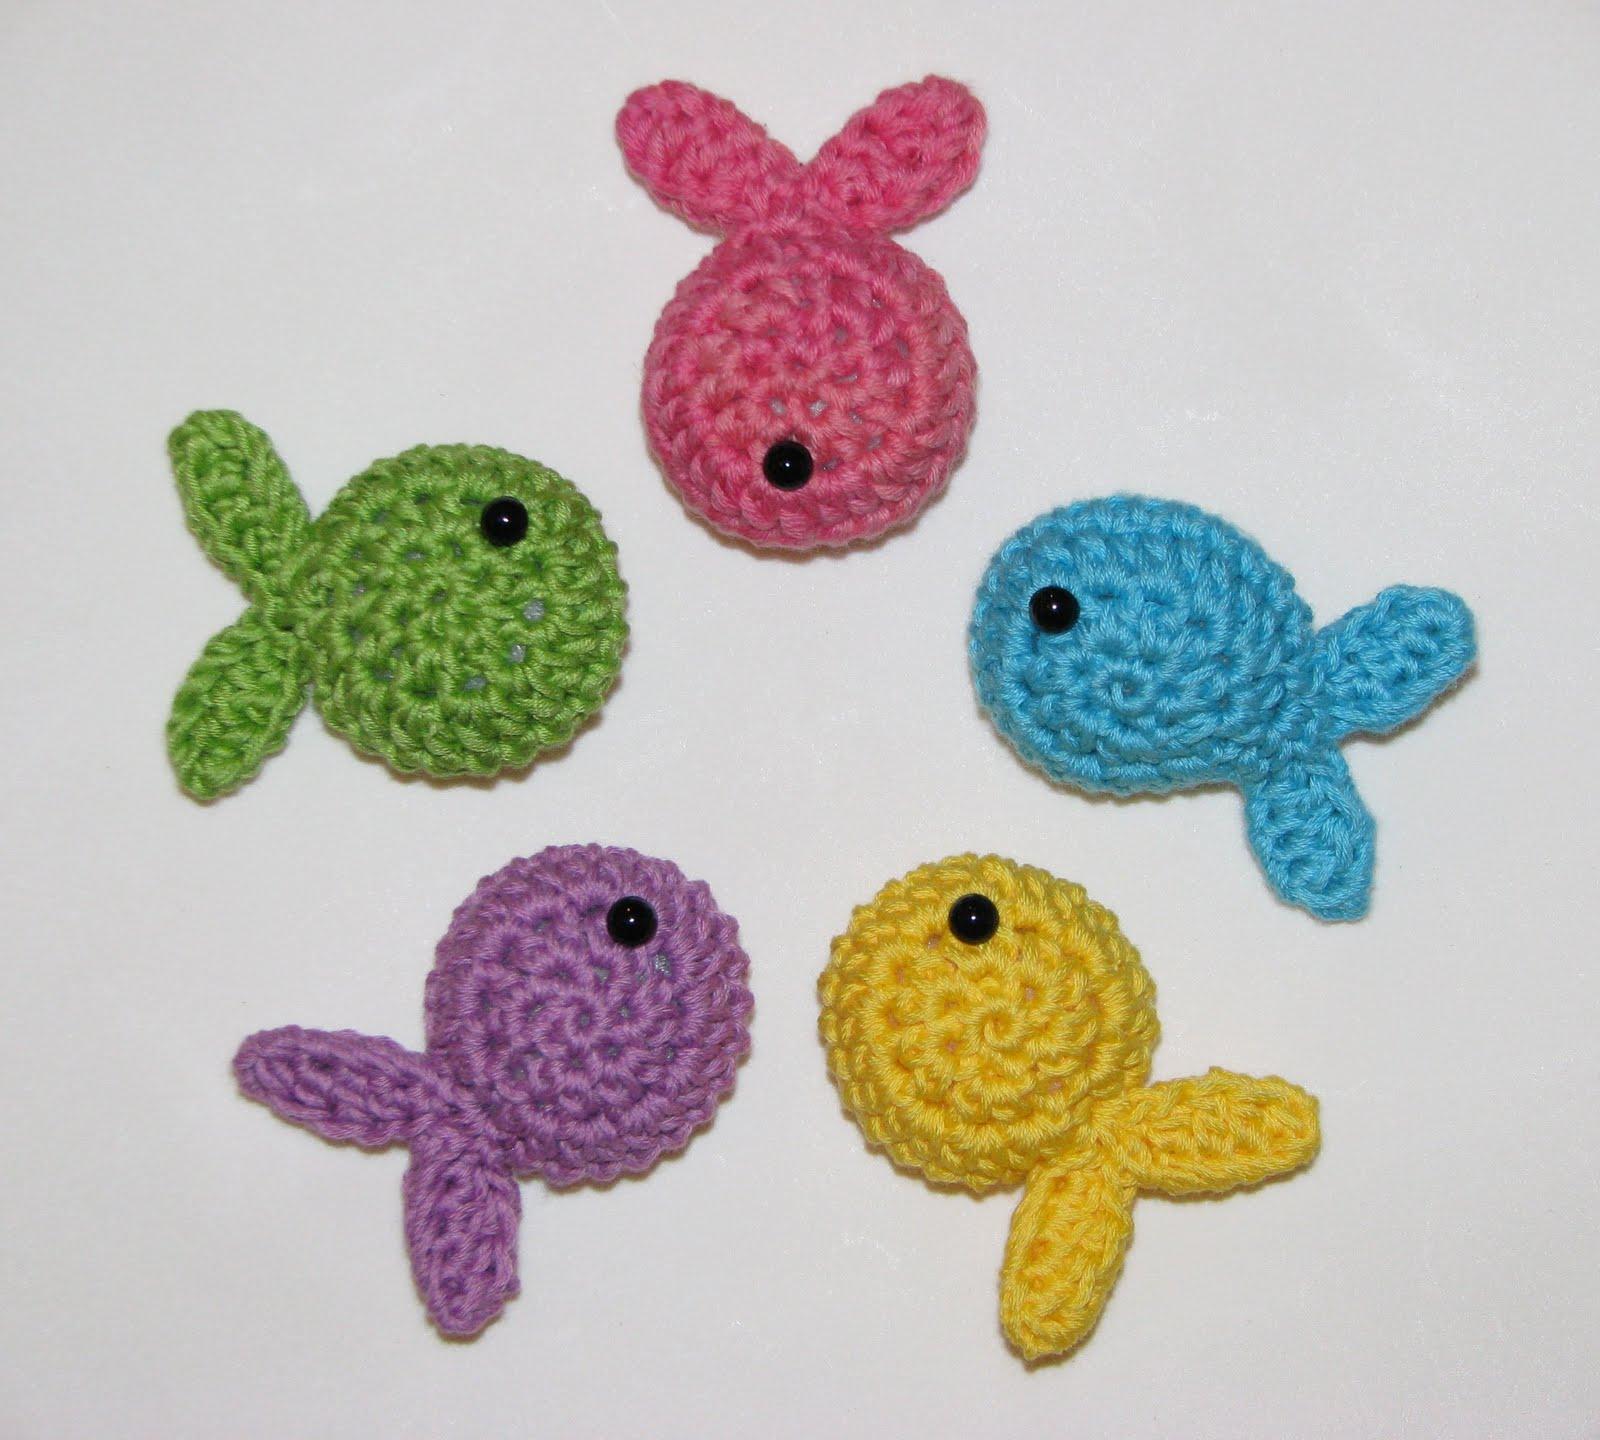 De Verlas Felices Con Su Pequeno Pez De Crochet Feliz Fin De Semana